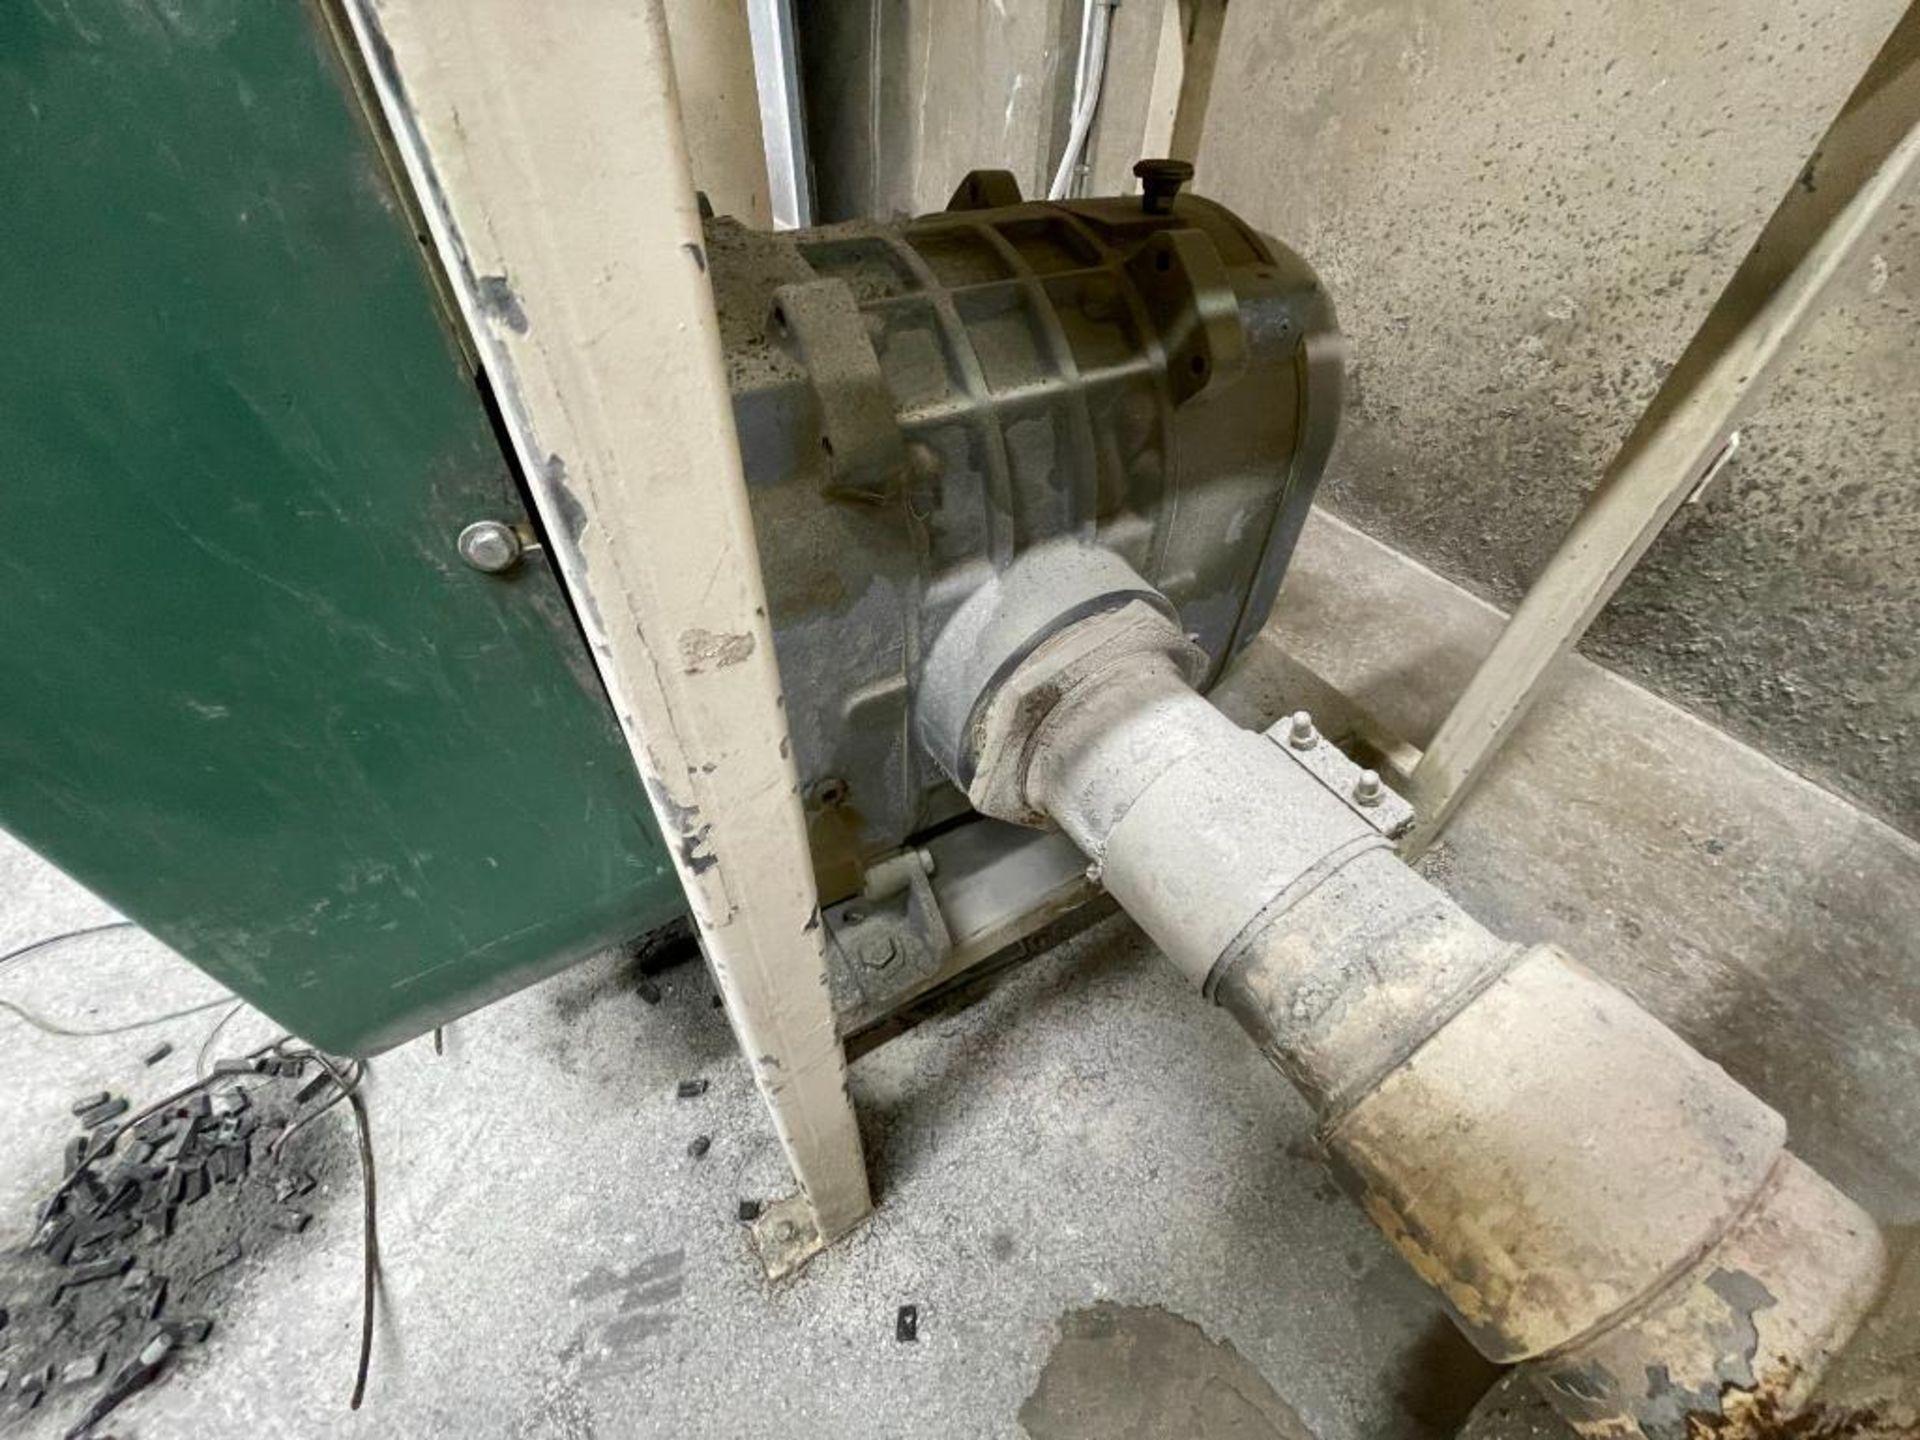 Gardner Denver rotary positive blower - Image 15 of 33